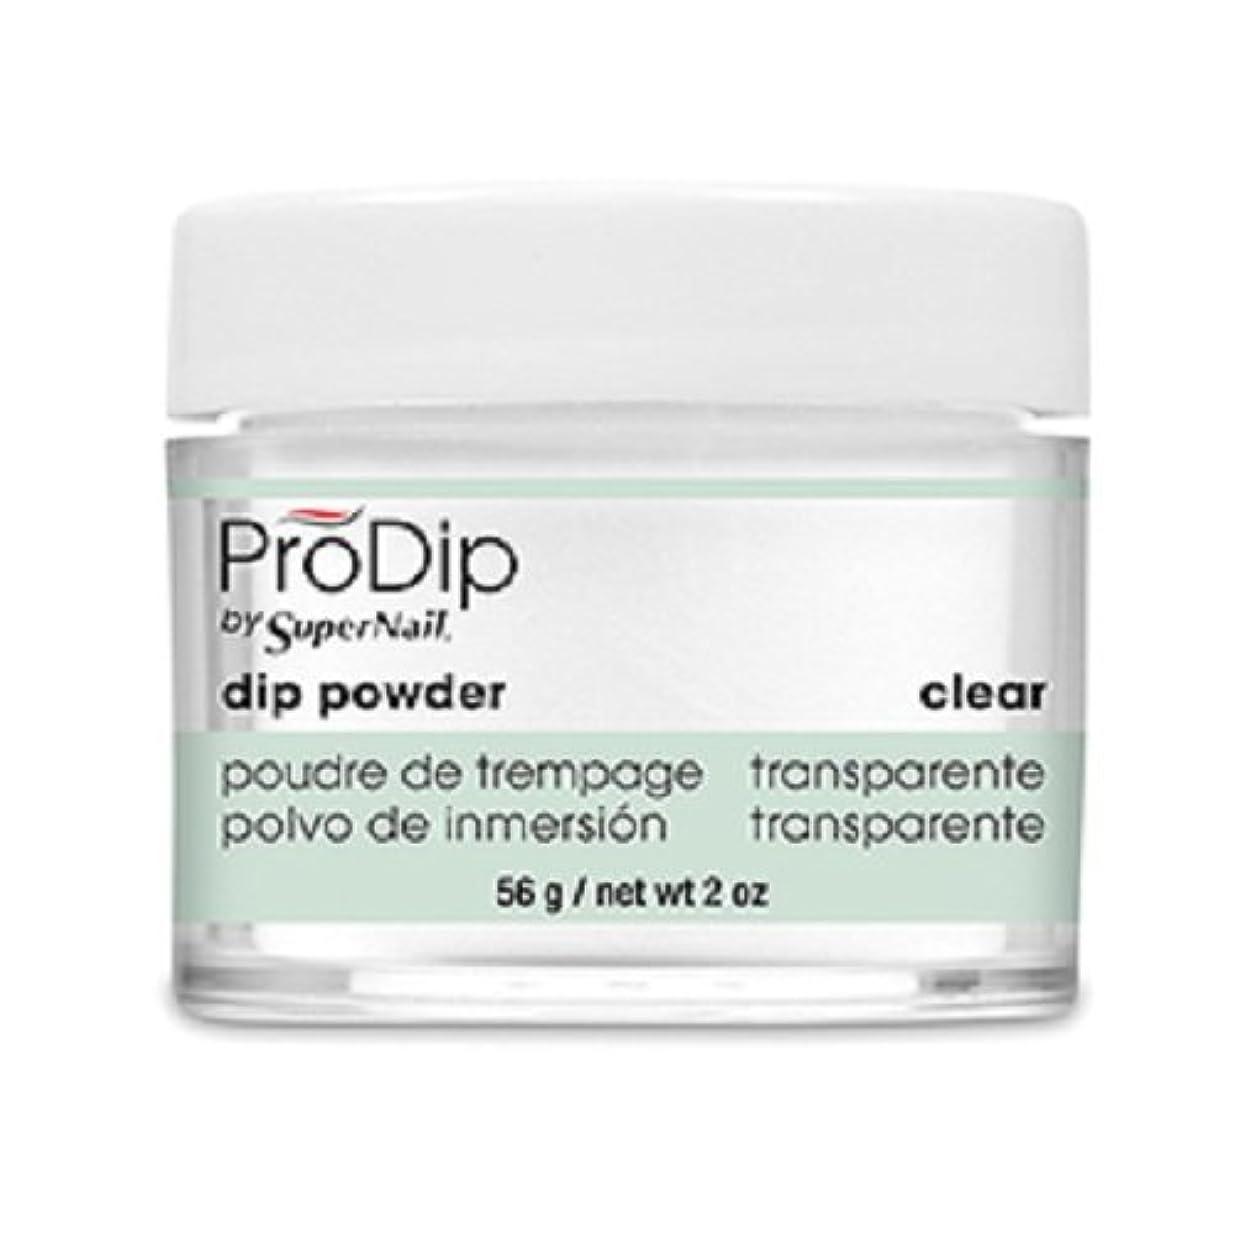 永遠の実験室長さSuperNail - ProDip - Dip Powder - Clear - 56 g/2 oz